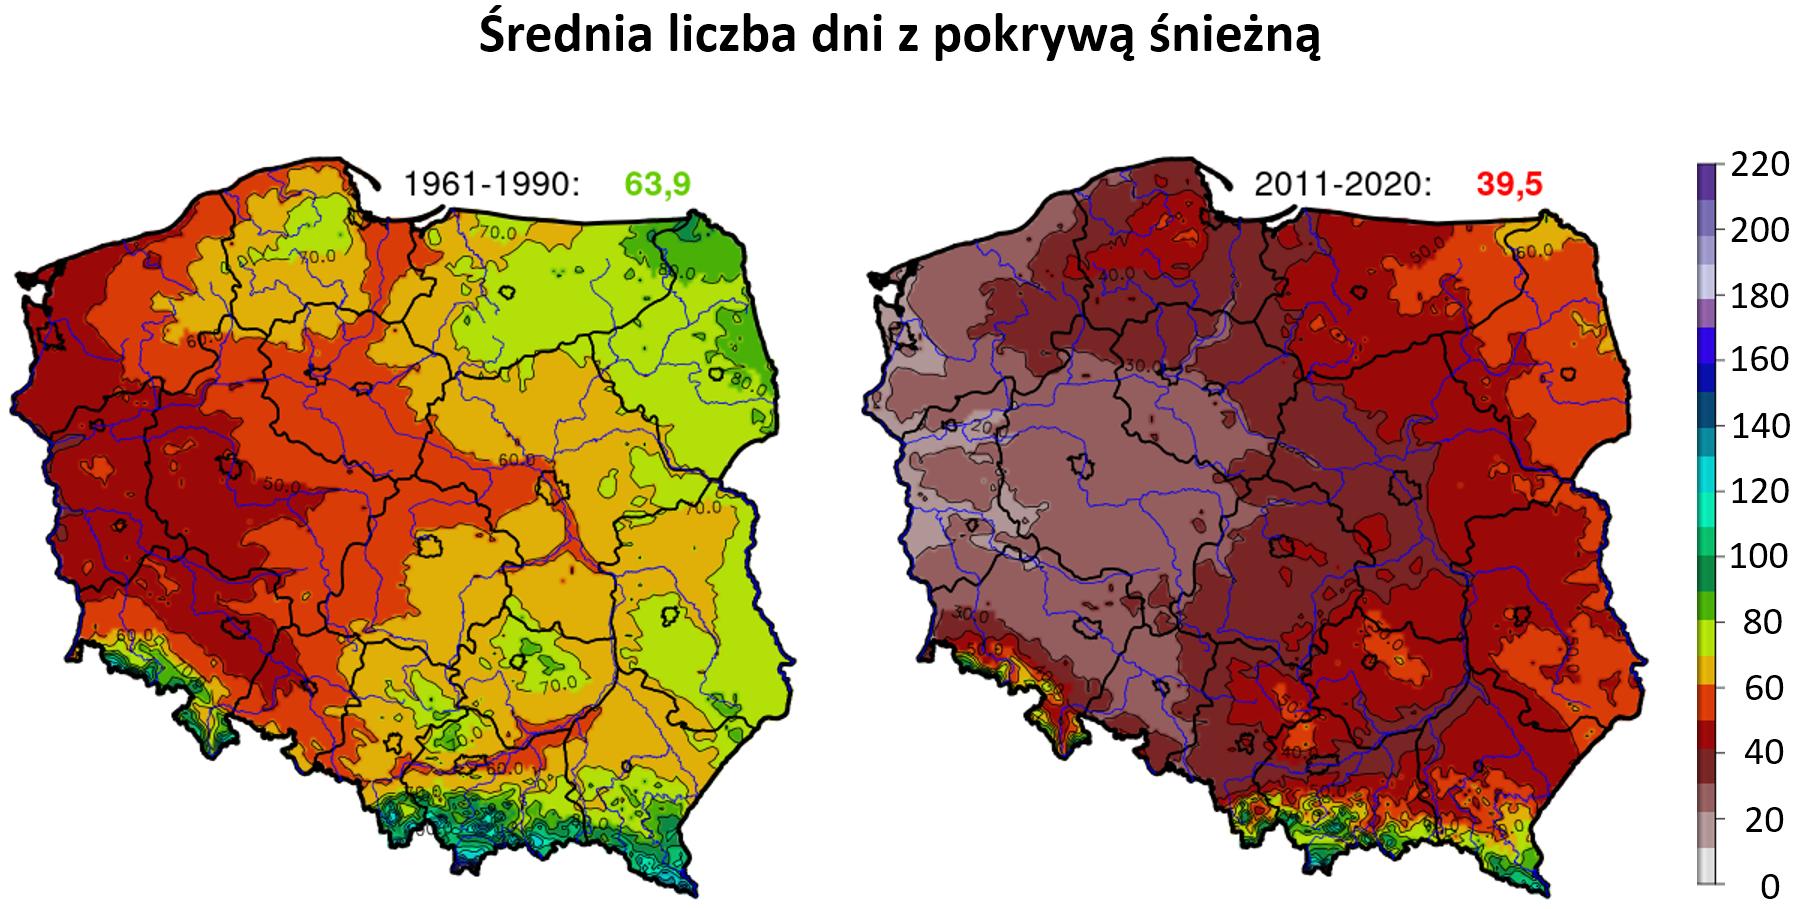 Mapy: średnia liczba dni z pokrywą śnieżną  w Polsce w okresie 1961-1990 i 2011-2020